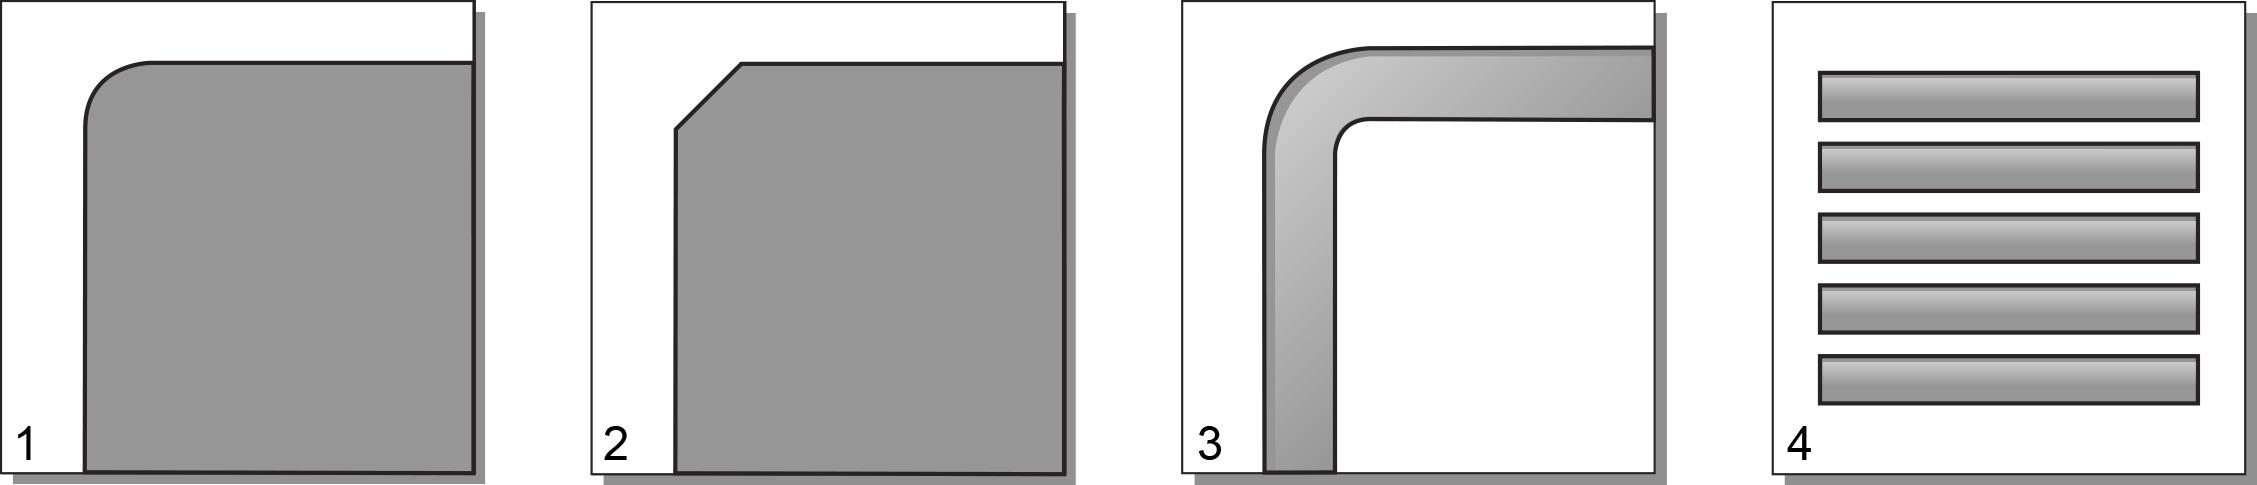 muotoiluperiaatteita